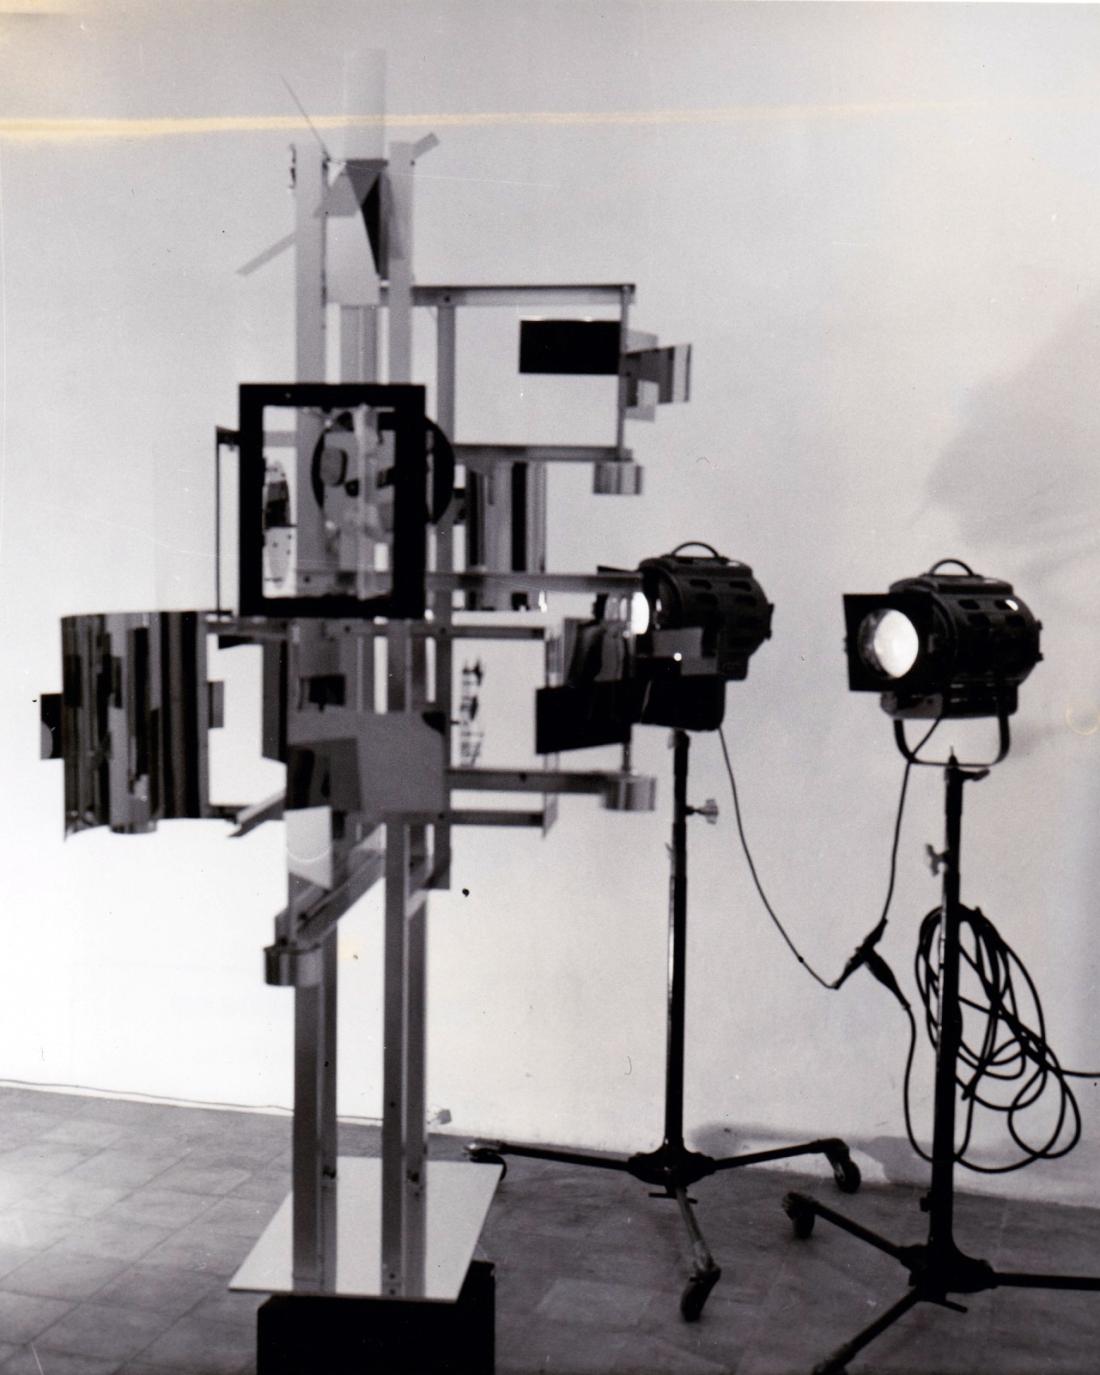 nicolas-schoffer-studio-farnese-crono-5-1969